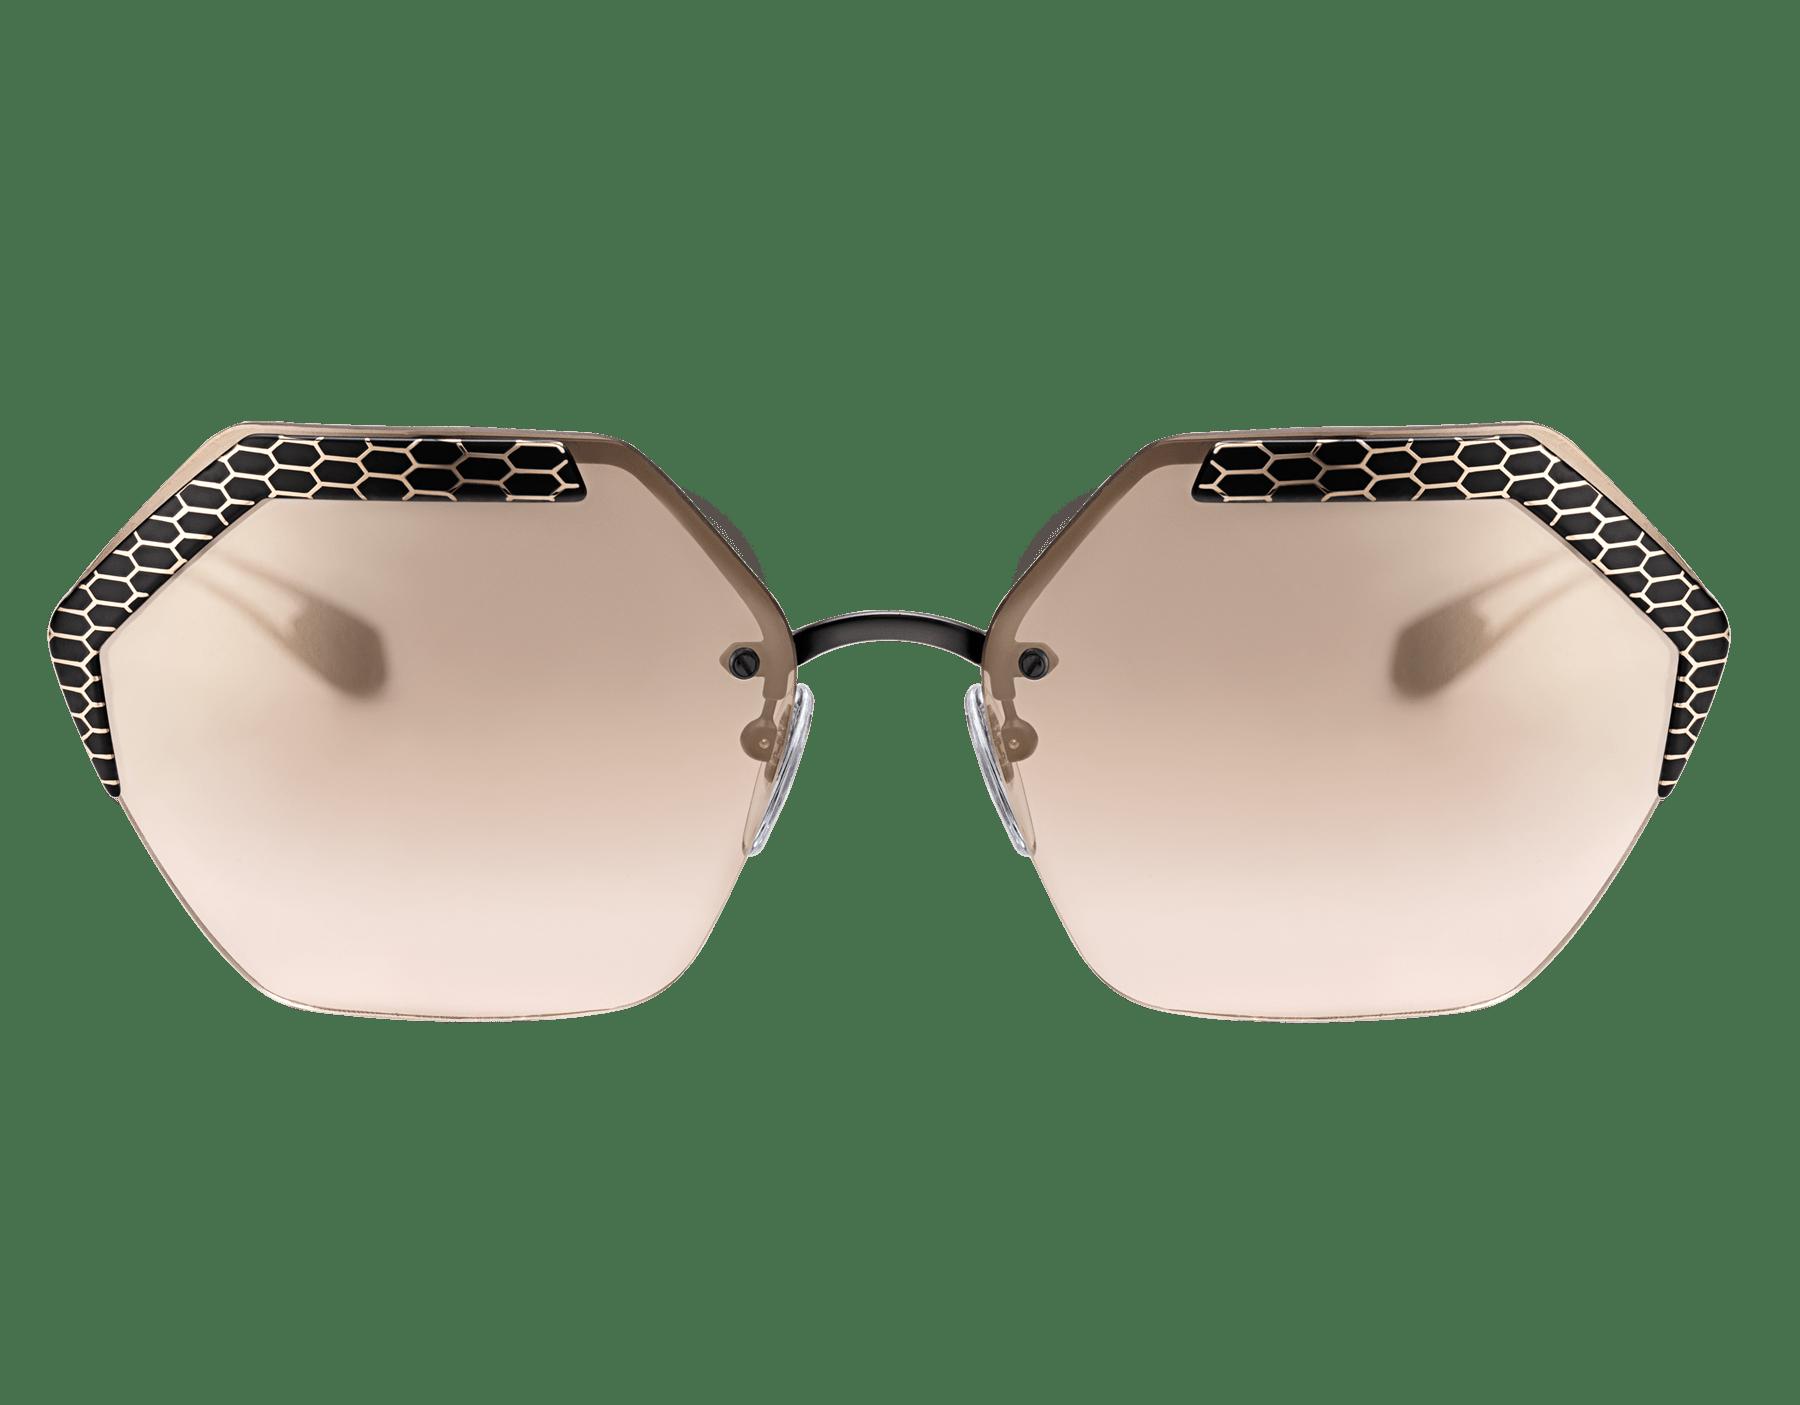 نظارات شمسية سيربينتايز ريفولوشن معدنية سداسية الشكل منحنية. 904007 image 2